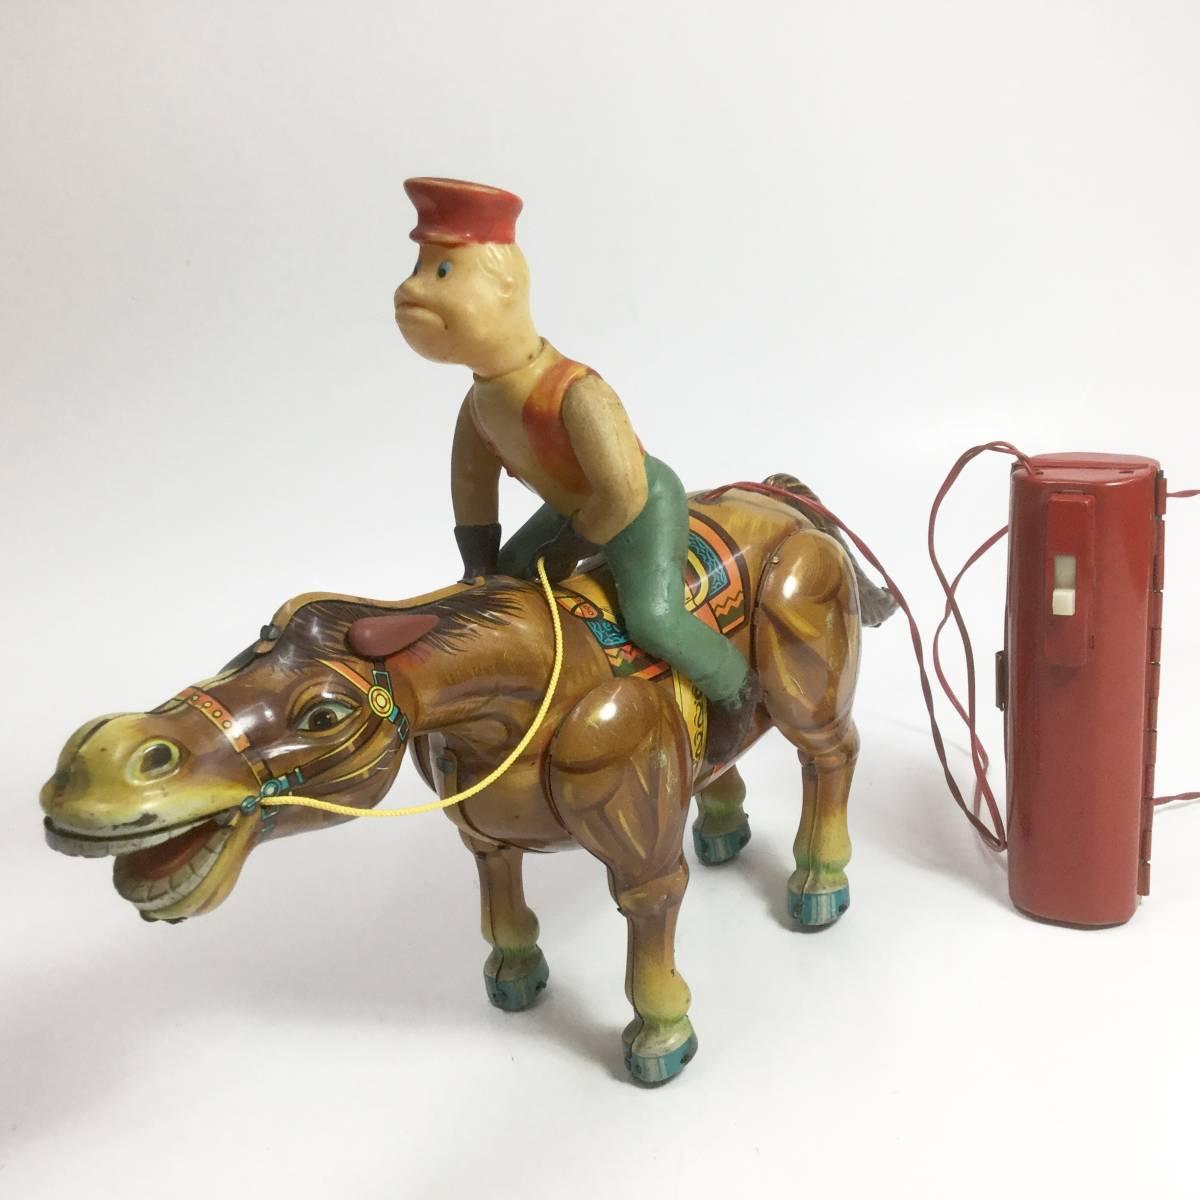 ウエスタンレンジャー 馬乗り ブリキ玩具 電動リモコン走行 1950年代 増田屋 マスダヤ 初